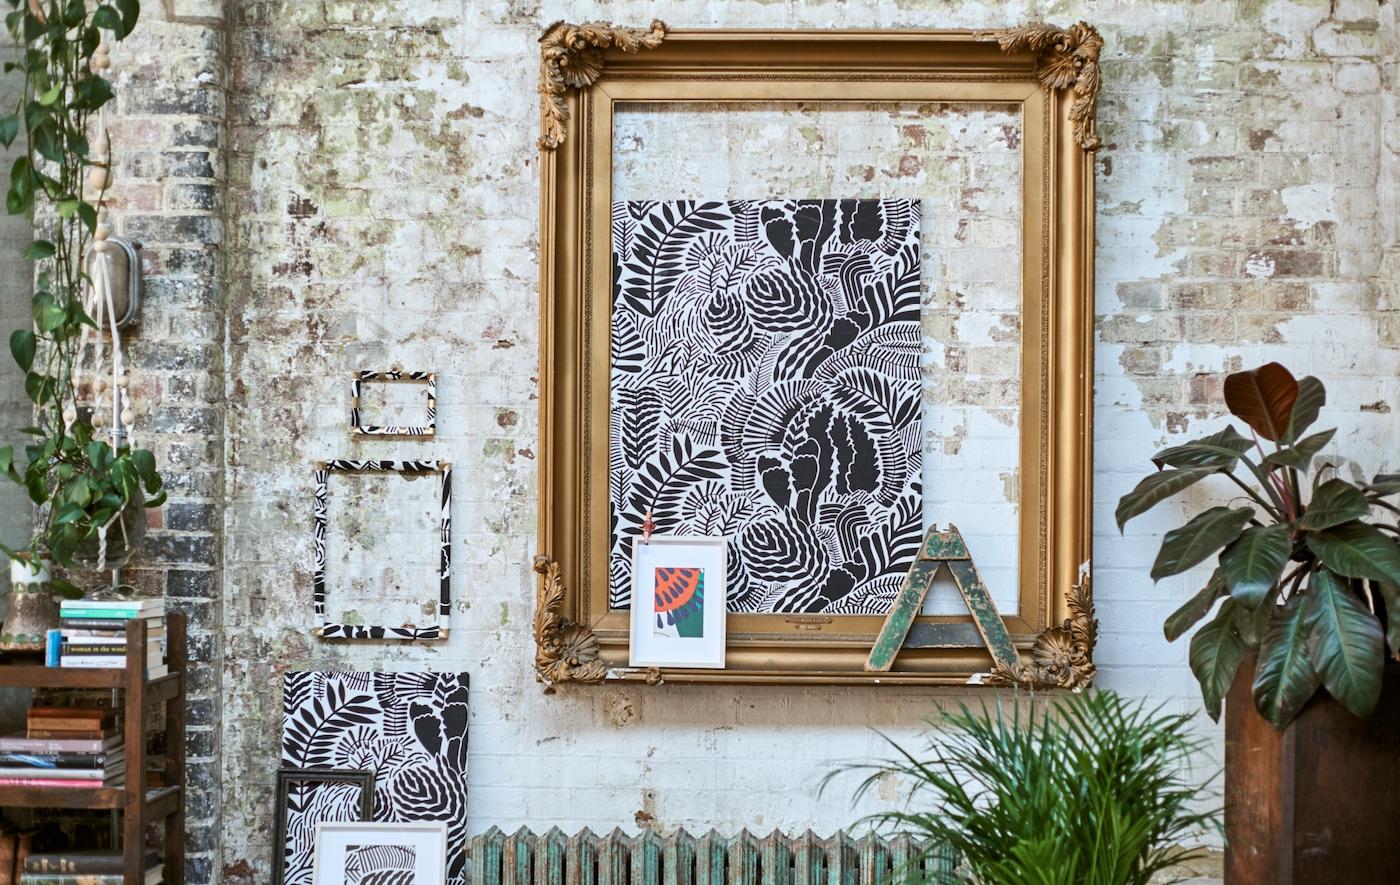 جاليريمن الأقمشةالمزركشة الموضوعة في إطاراتمعروضة على حائطقرميد مع إطار ذهبي كبير، ونباتات معلقة ومكتبة منخفضة.